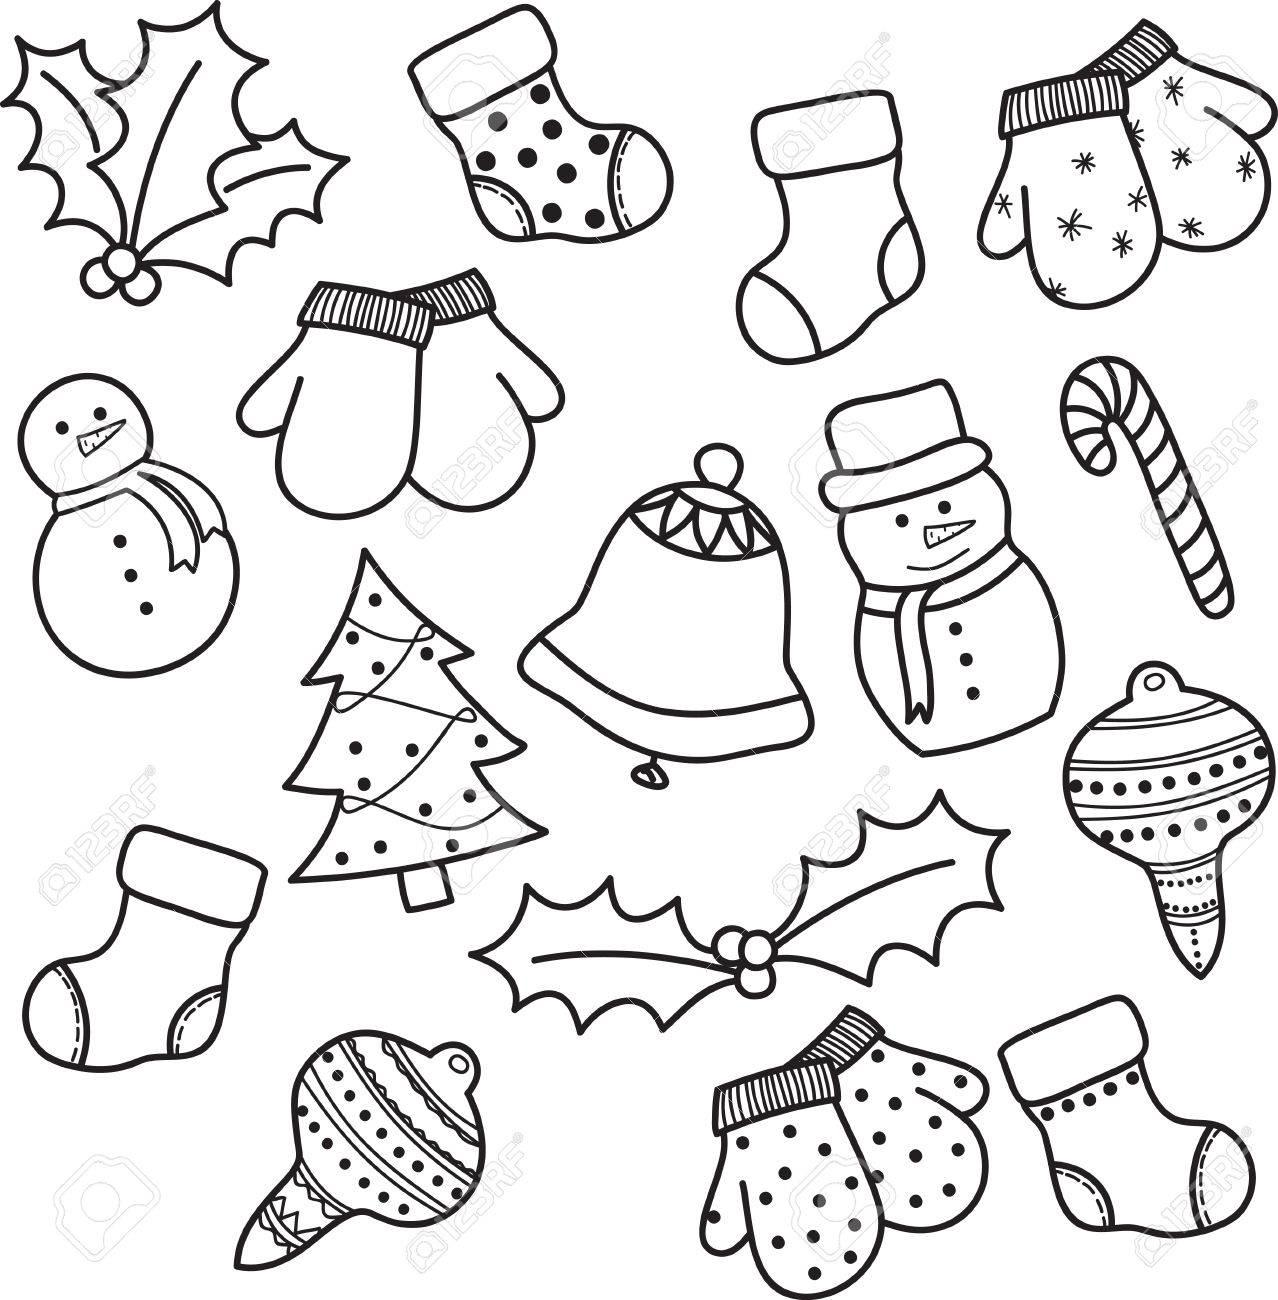 La navidad en dibujo